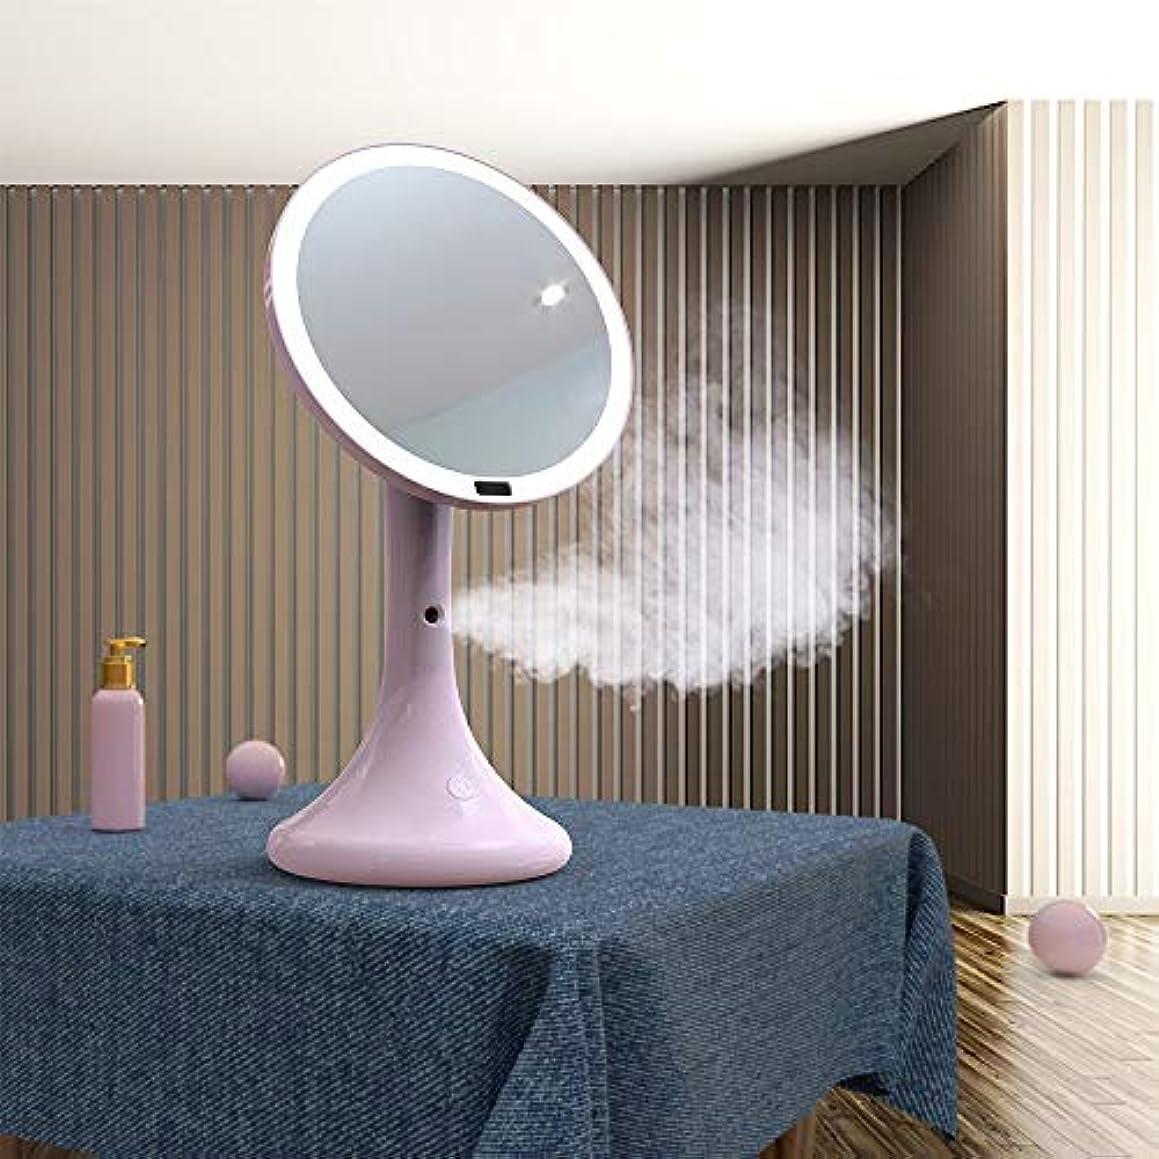 バルク仮定、想定。推測スリップシューズ流行の スプレー水和LED化粧鏡インテリジェント人体誘導ランプミラーデスクトップ美容ミラー水和ABS素材ピンクセクションブルーセクション (色 : Pink)